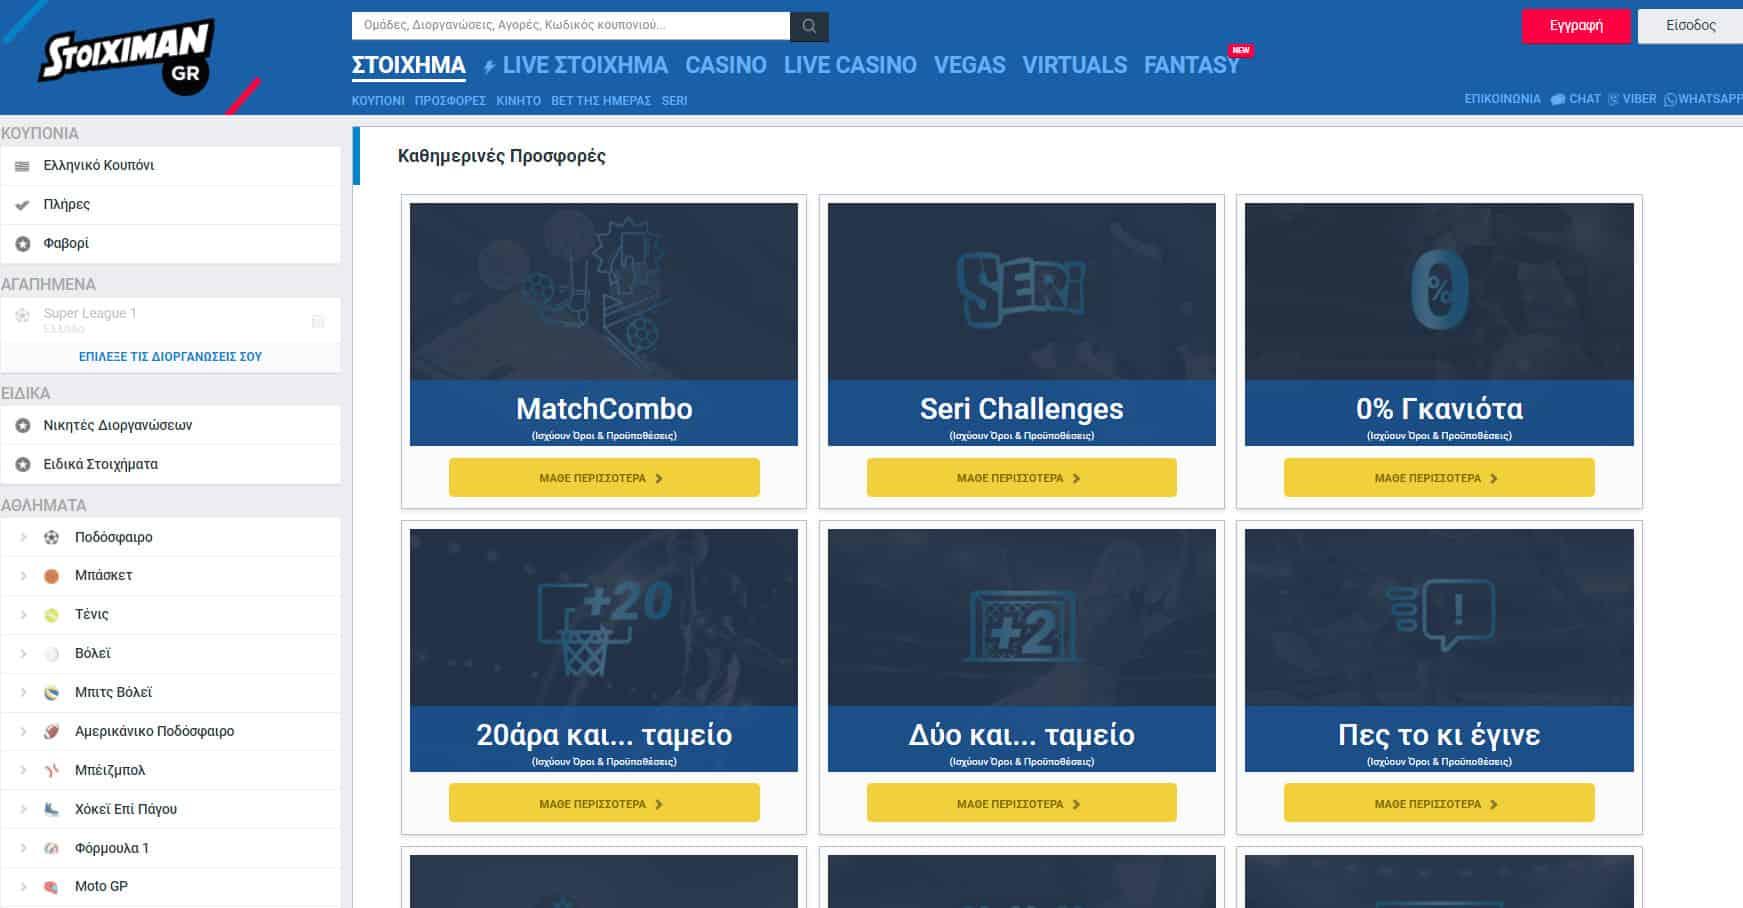 εργαλεία και προσφορές στοιχηματισμού από τη stoiximan.gr